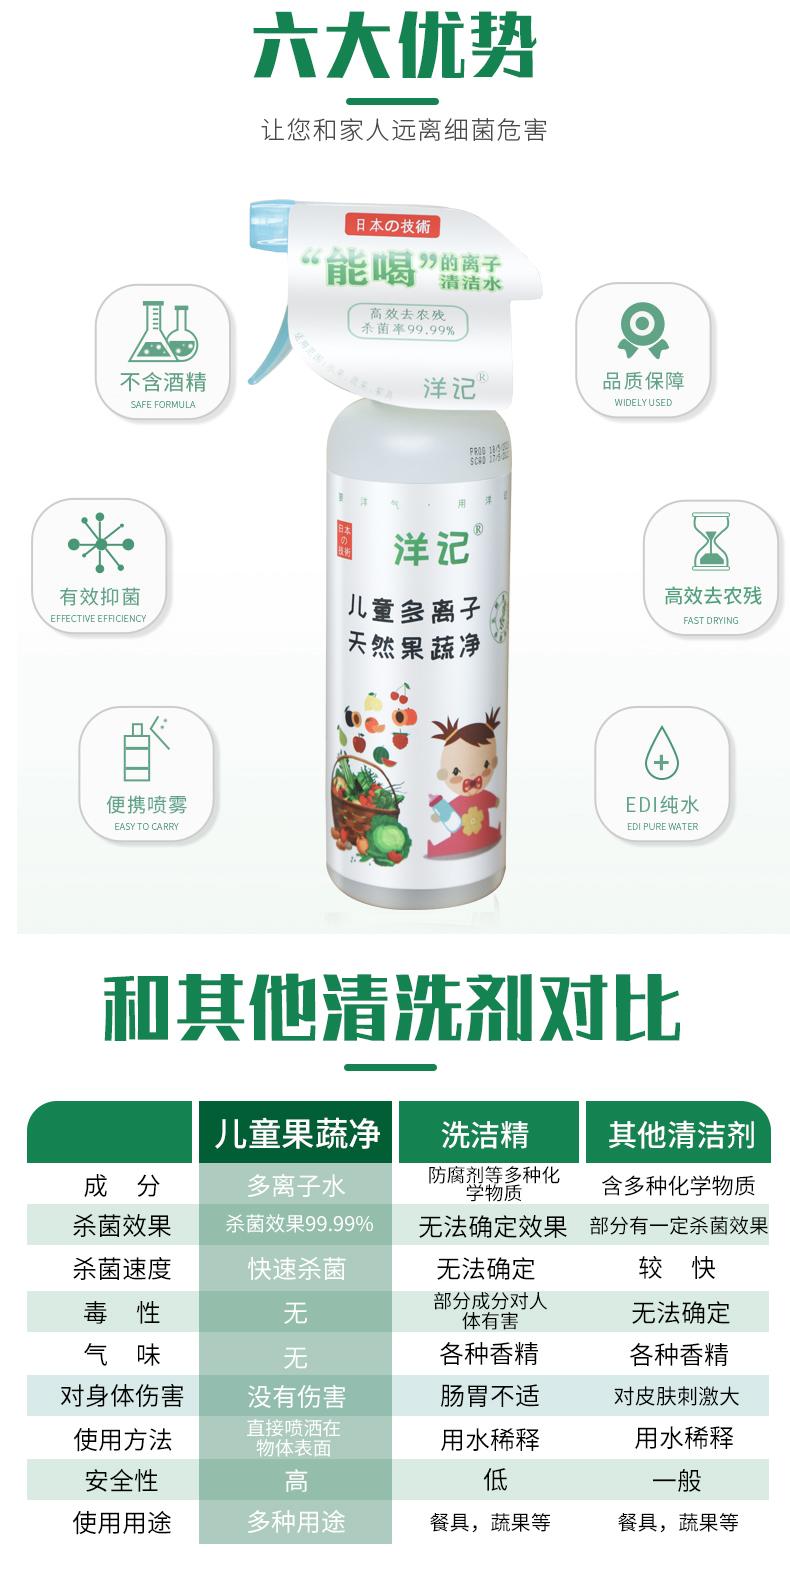 江苏正宗清洁剂哪款好用-橡皮树生物科技(山东)有限公司